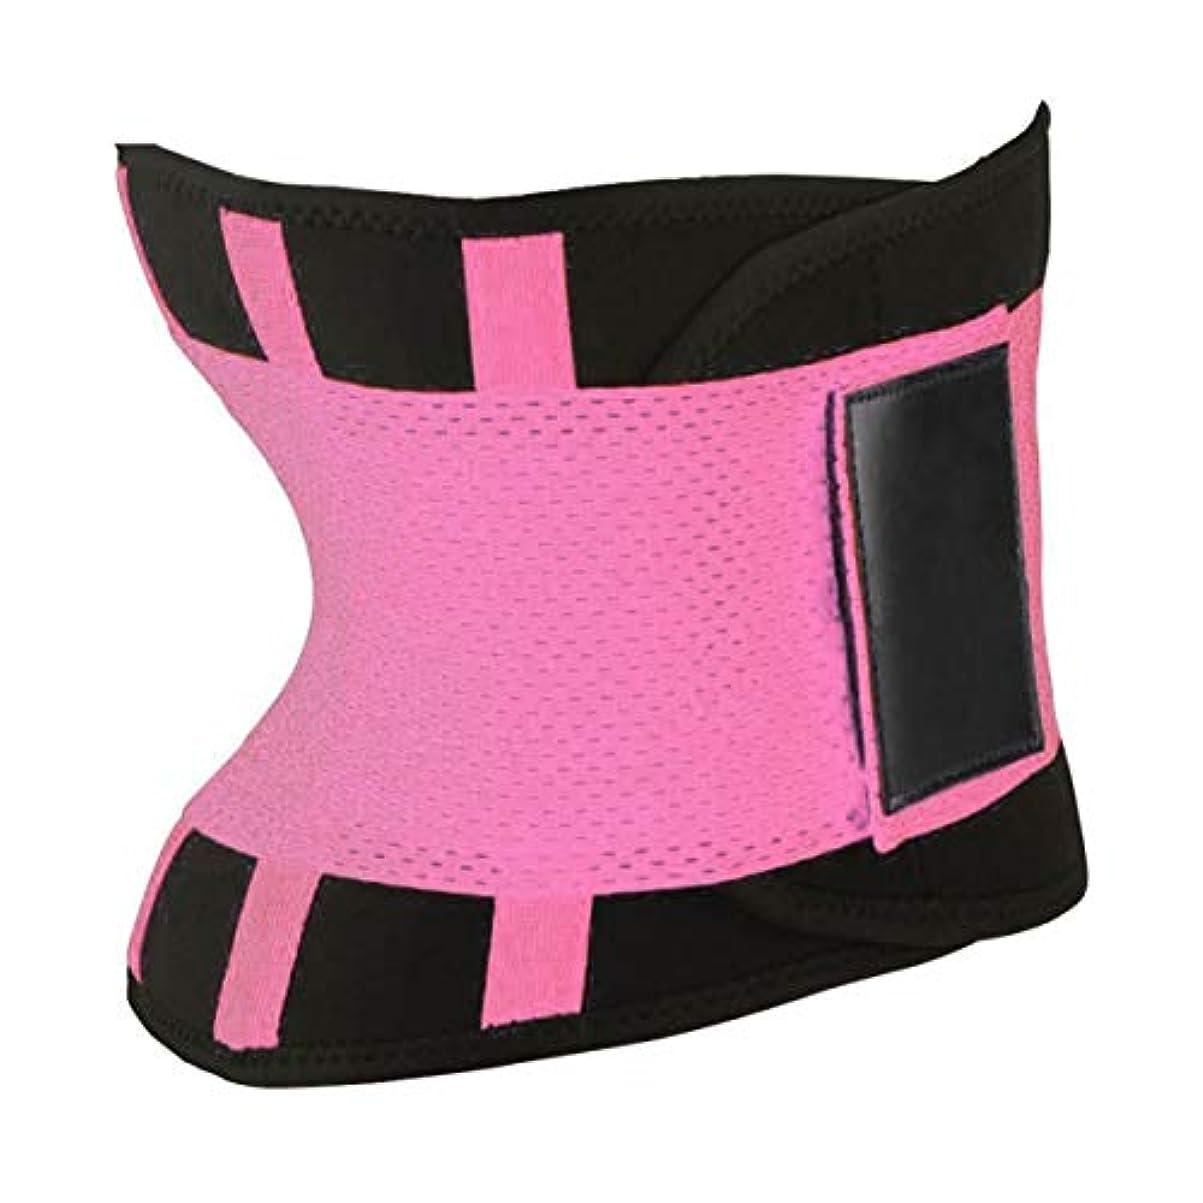 ナラーバーファウル暴徒快適な女性ボディシェイパー痩身シェイパーベルトスポーツ女性ウエストトレーナーニッパー制御バーニングボディおなかベルト - ピンク2xl